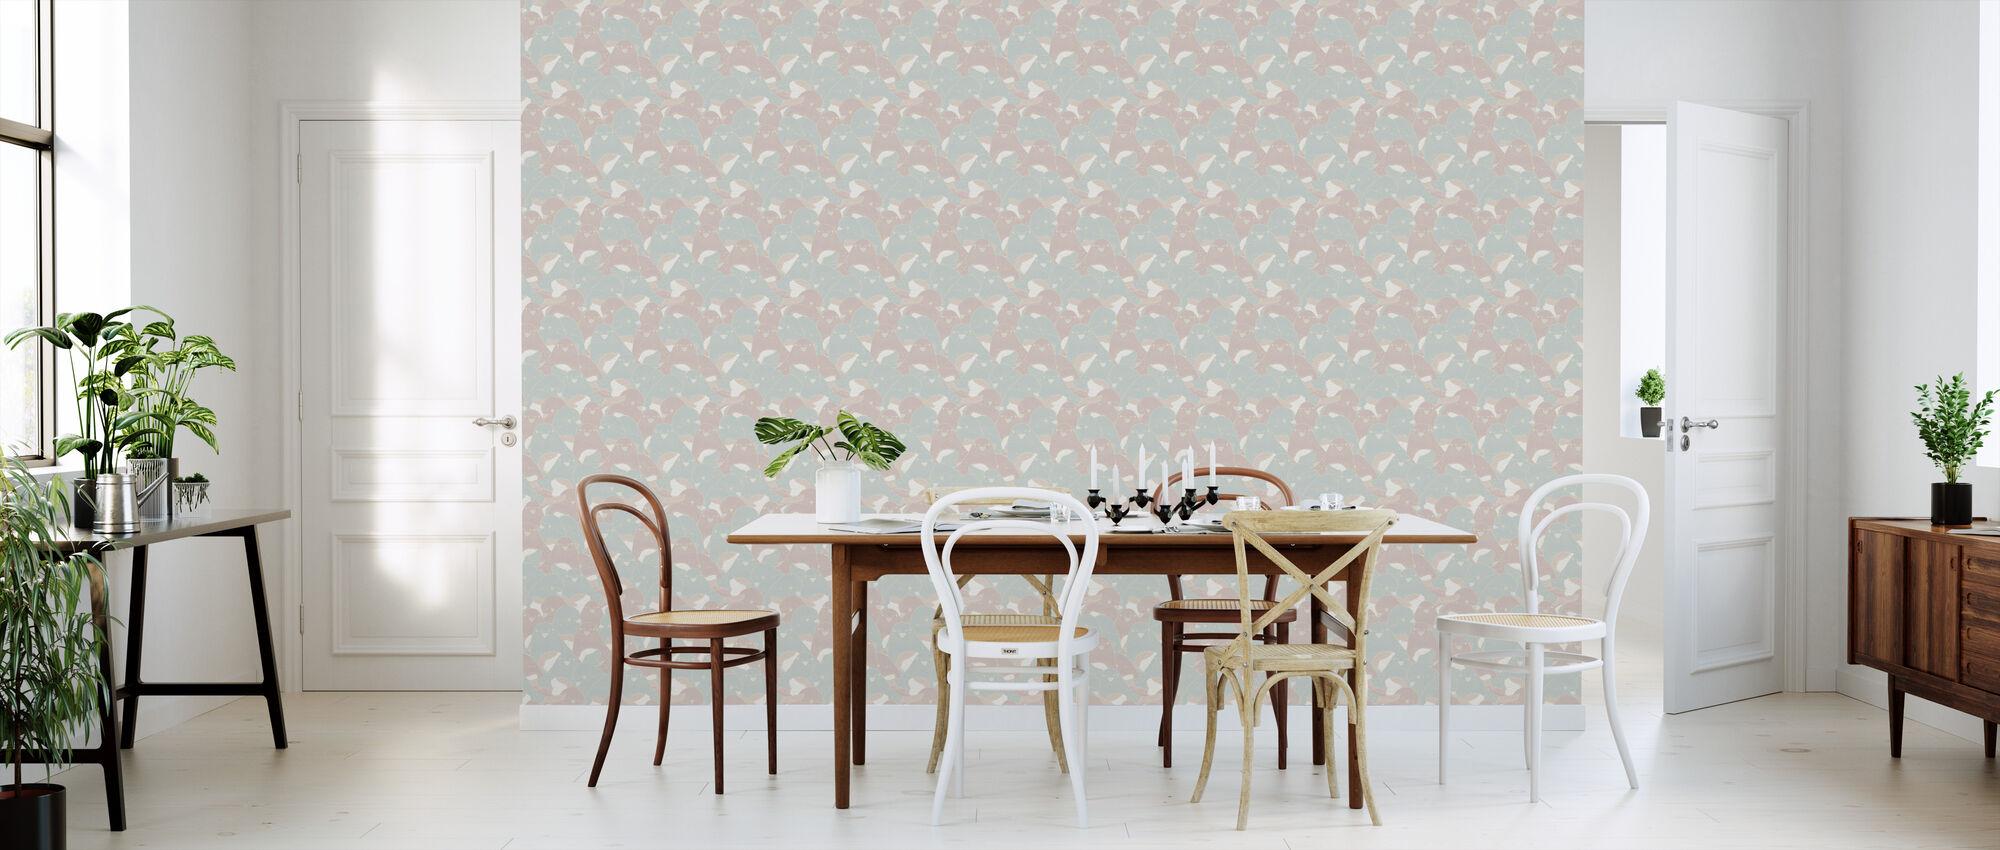 Lovebirds Velvet - Wallpaper - Kitchen